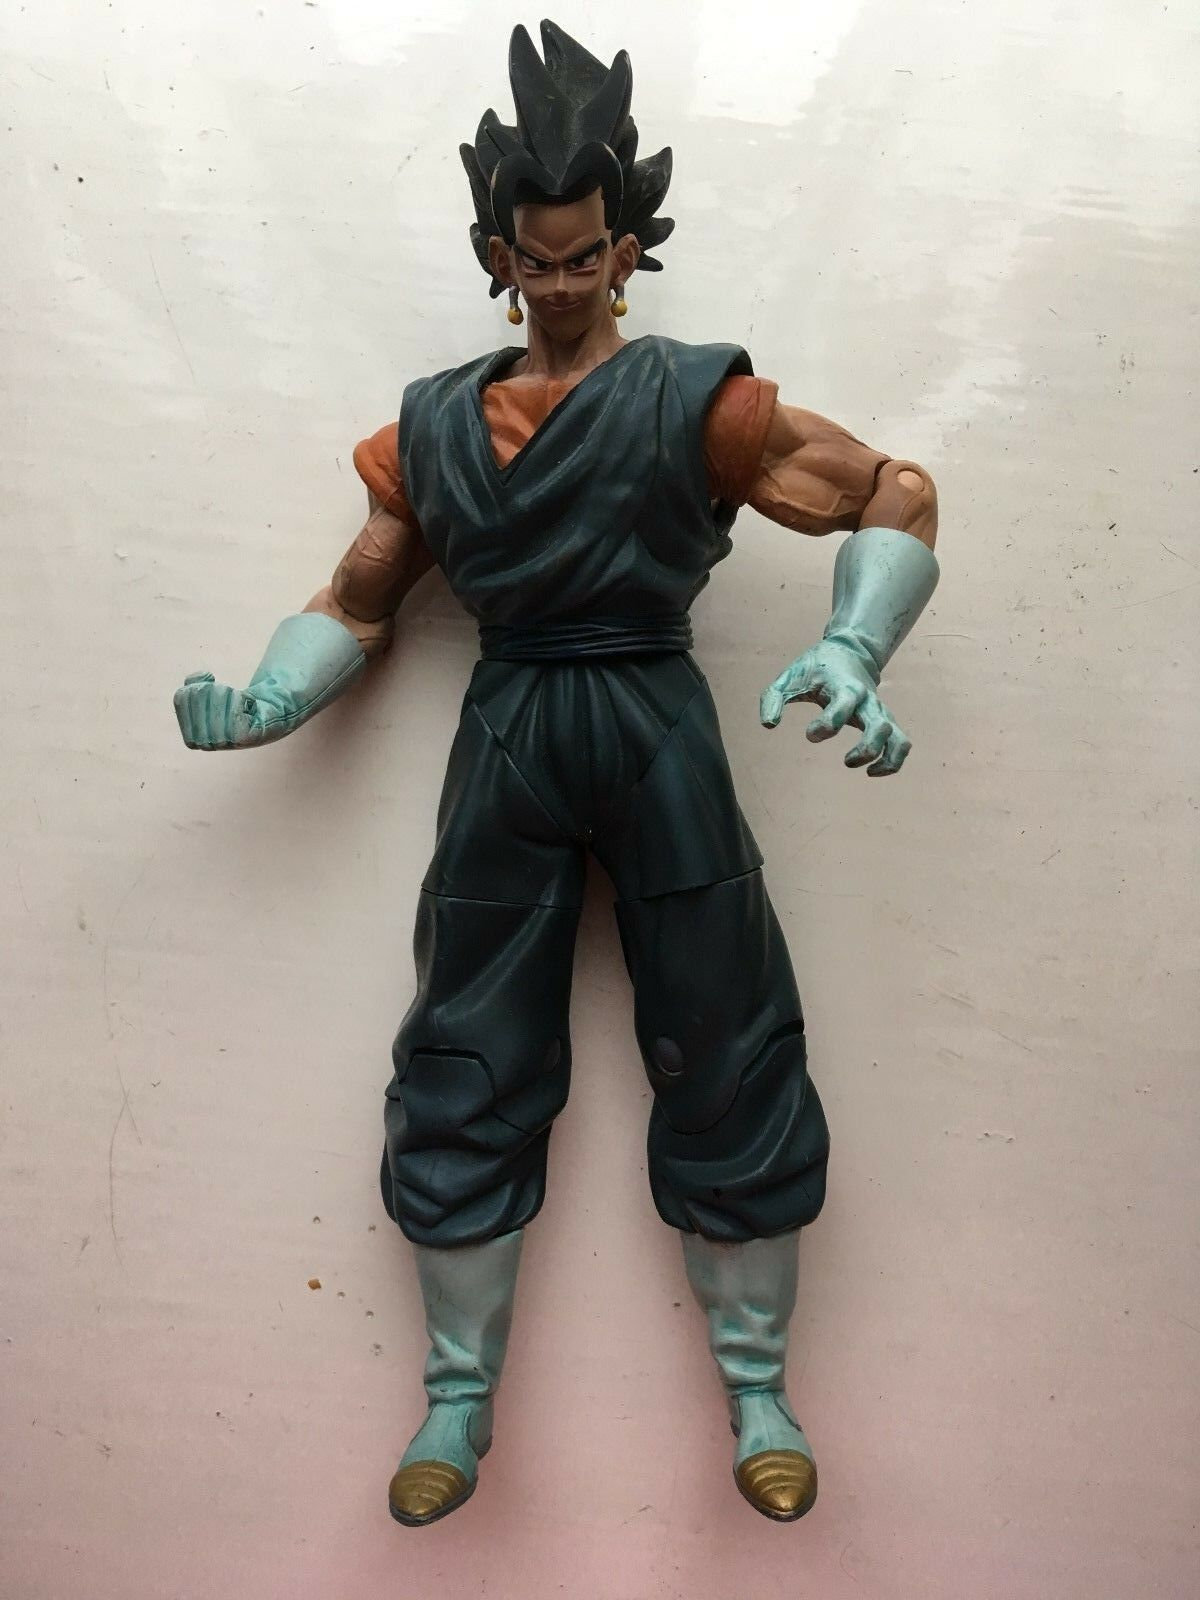 2002 9  Dragon Ball Z definiti vegito Action Figure Anime FUSION COLLEZIONE Irwin Toy